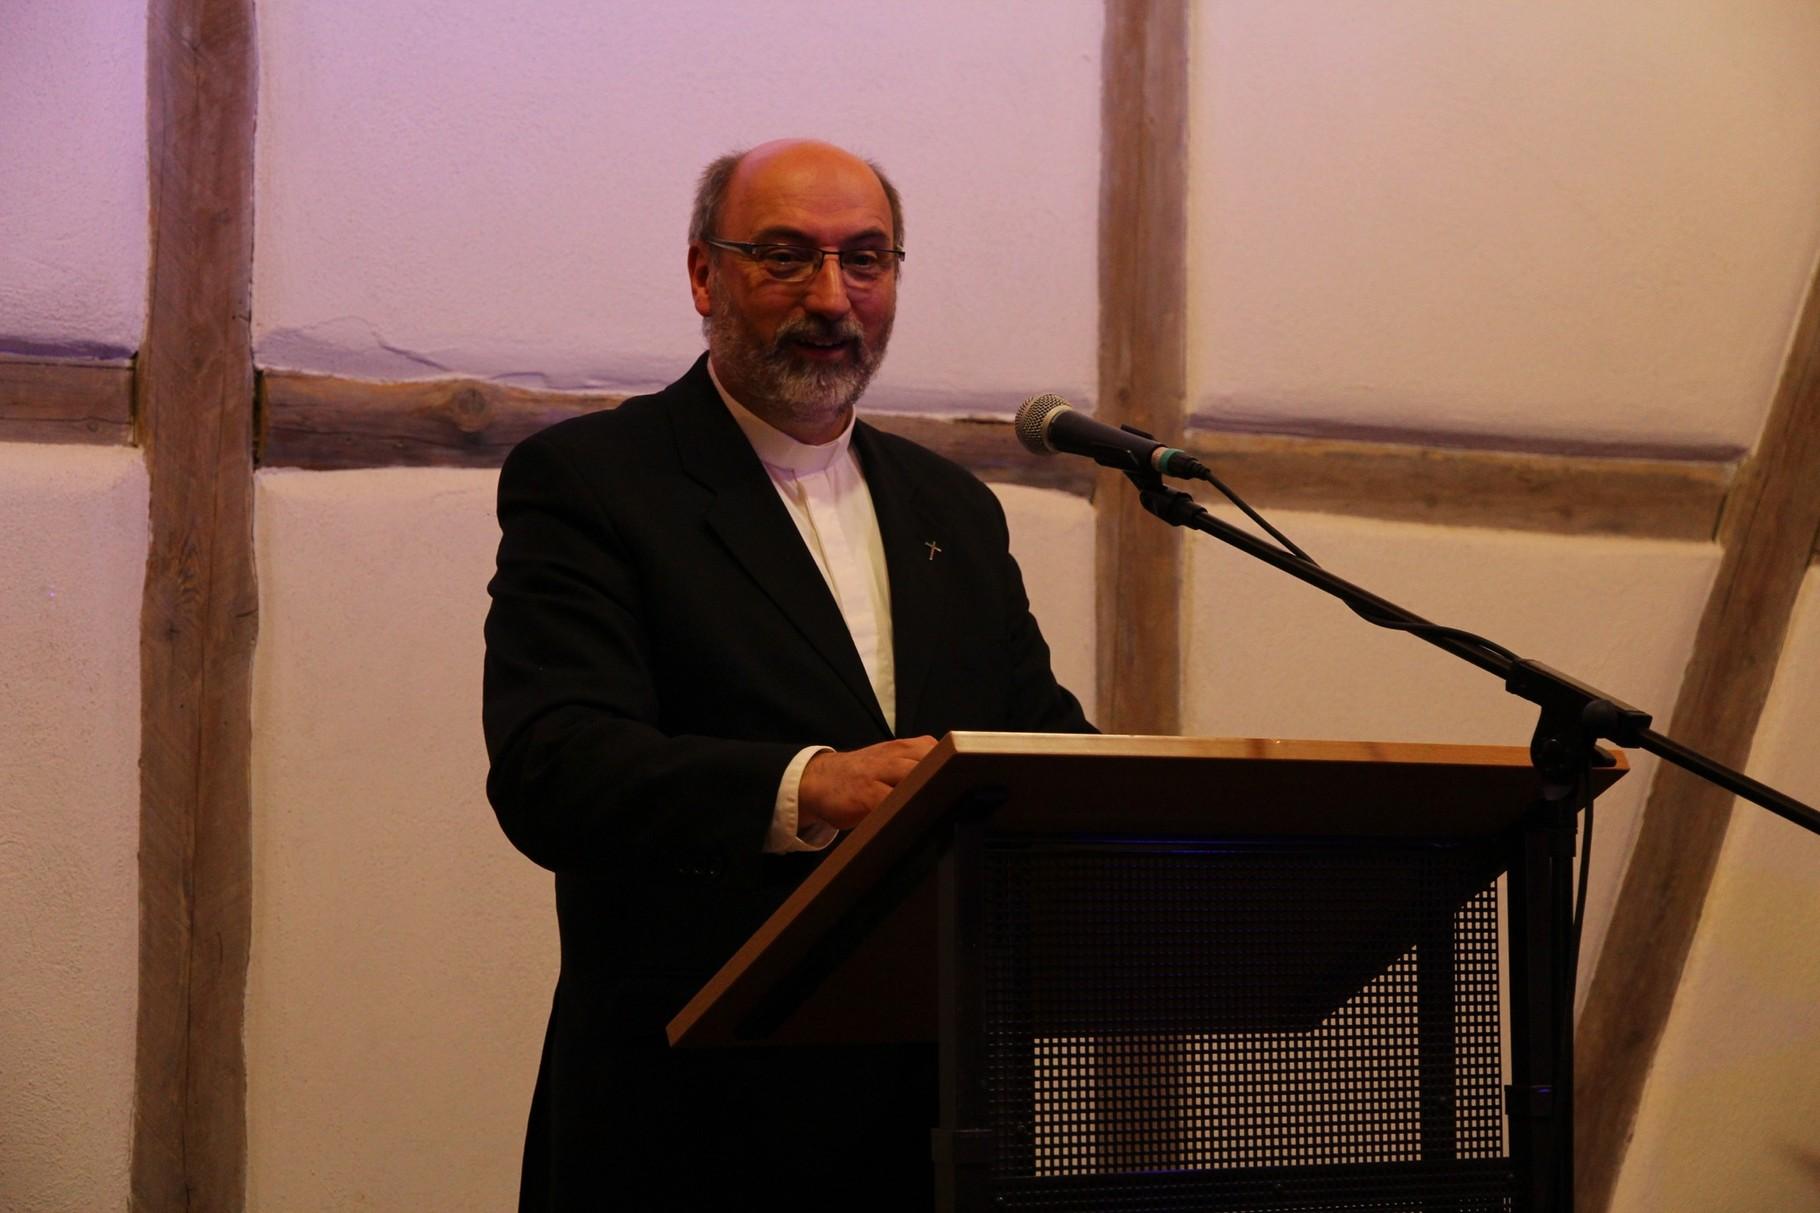 Pfarrer Andreas Schneider spricht die Dankes- und Schlussworte